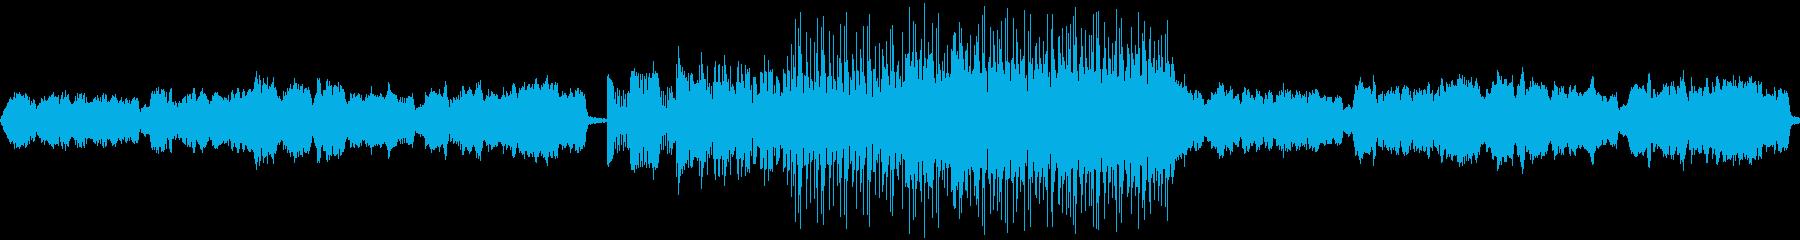 ファンタジーRPGで使用されるような曲…の再生済みの波形